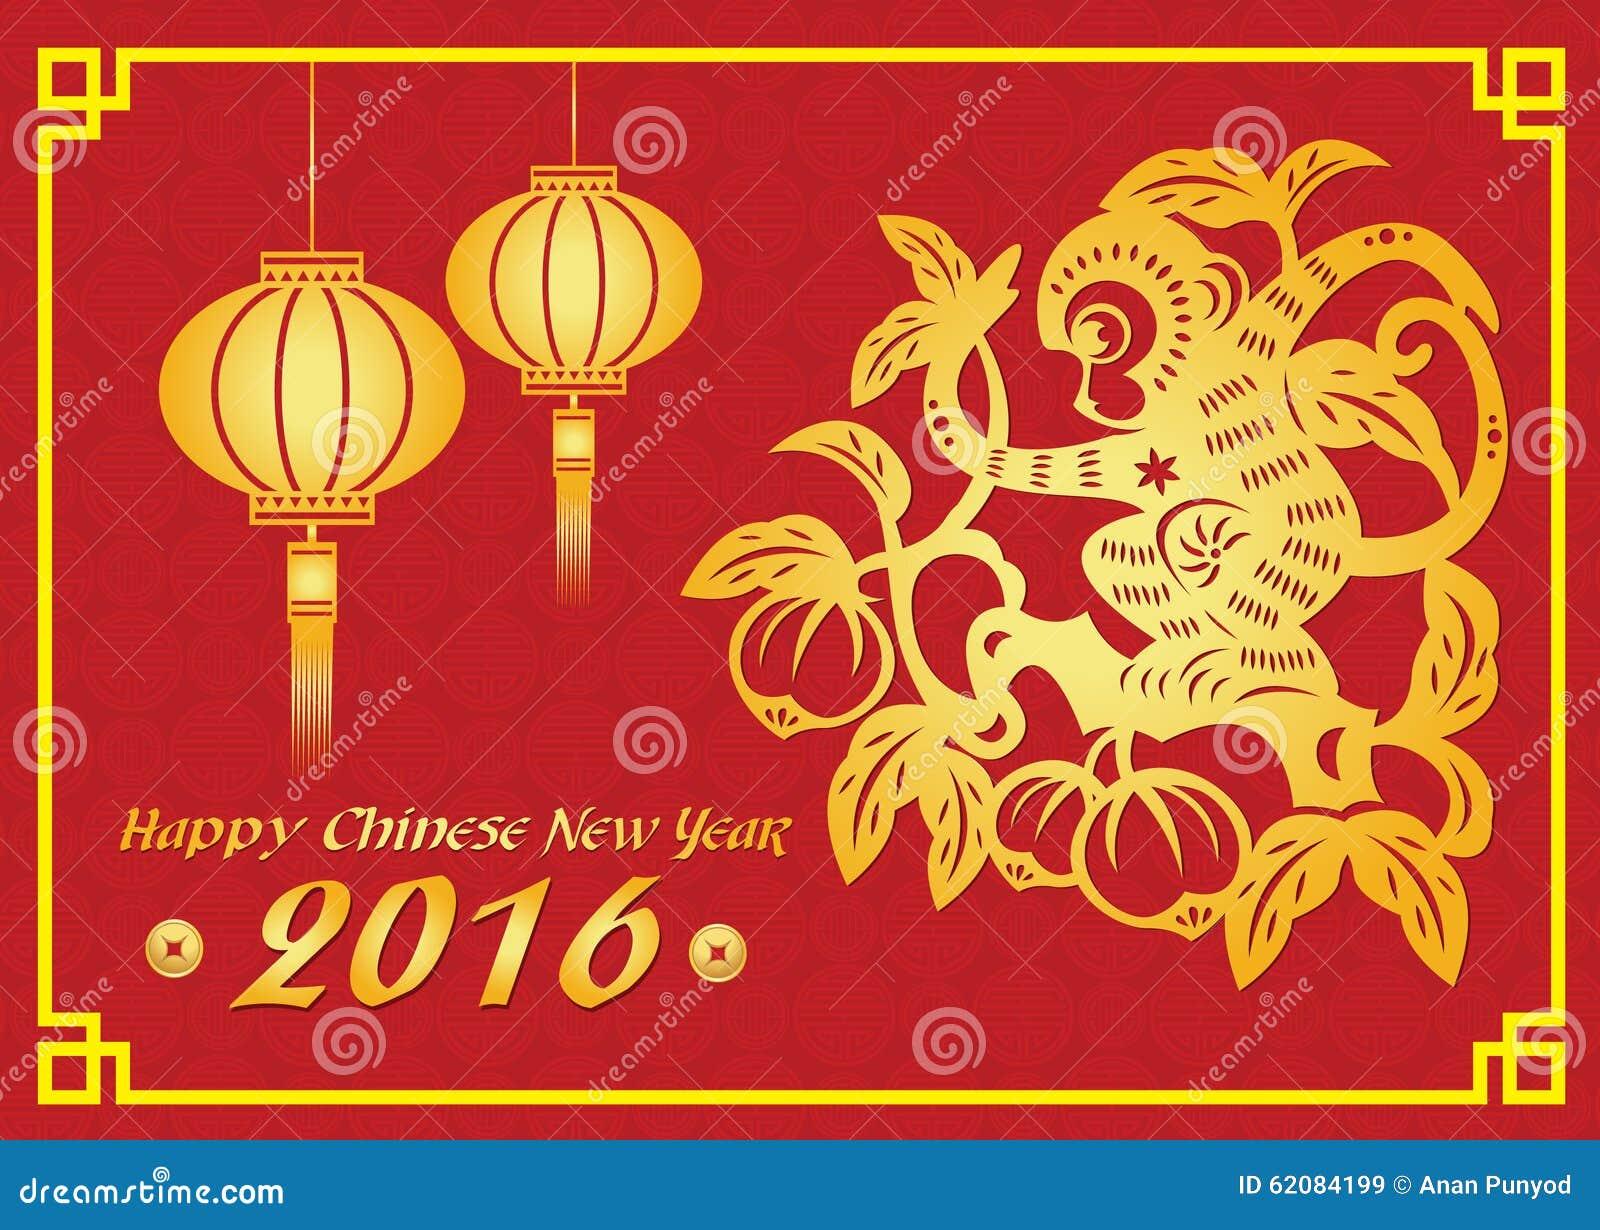 Chinese new year metal monkey new yearfo 2019 kristyandbryce Choice Image